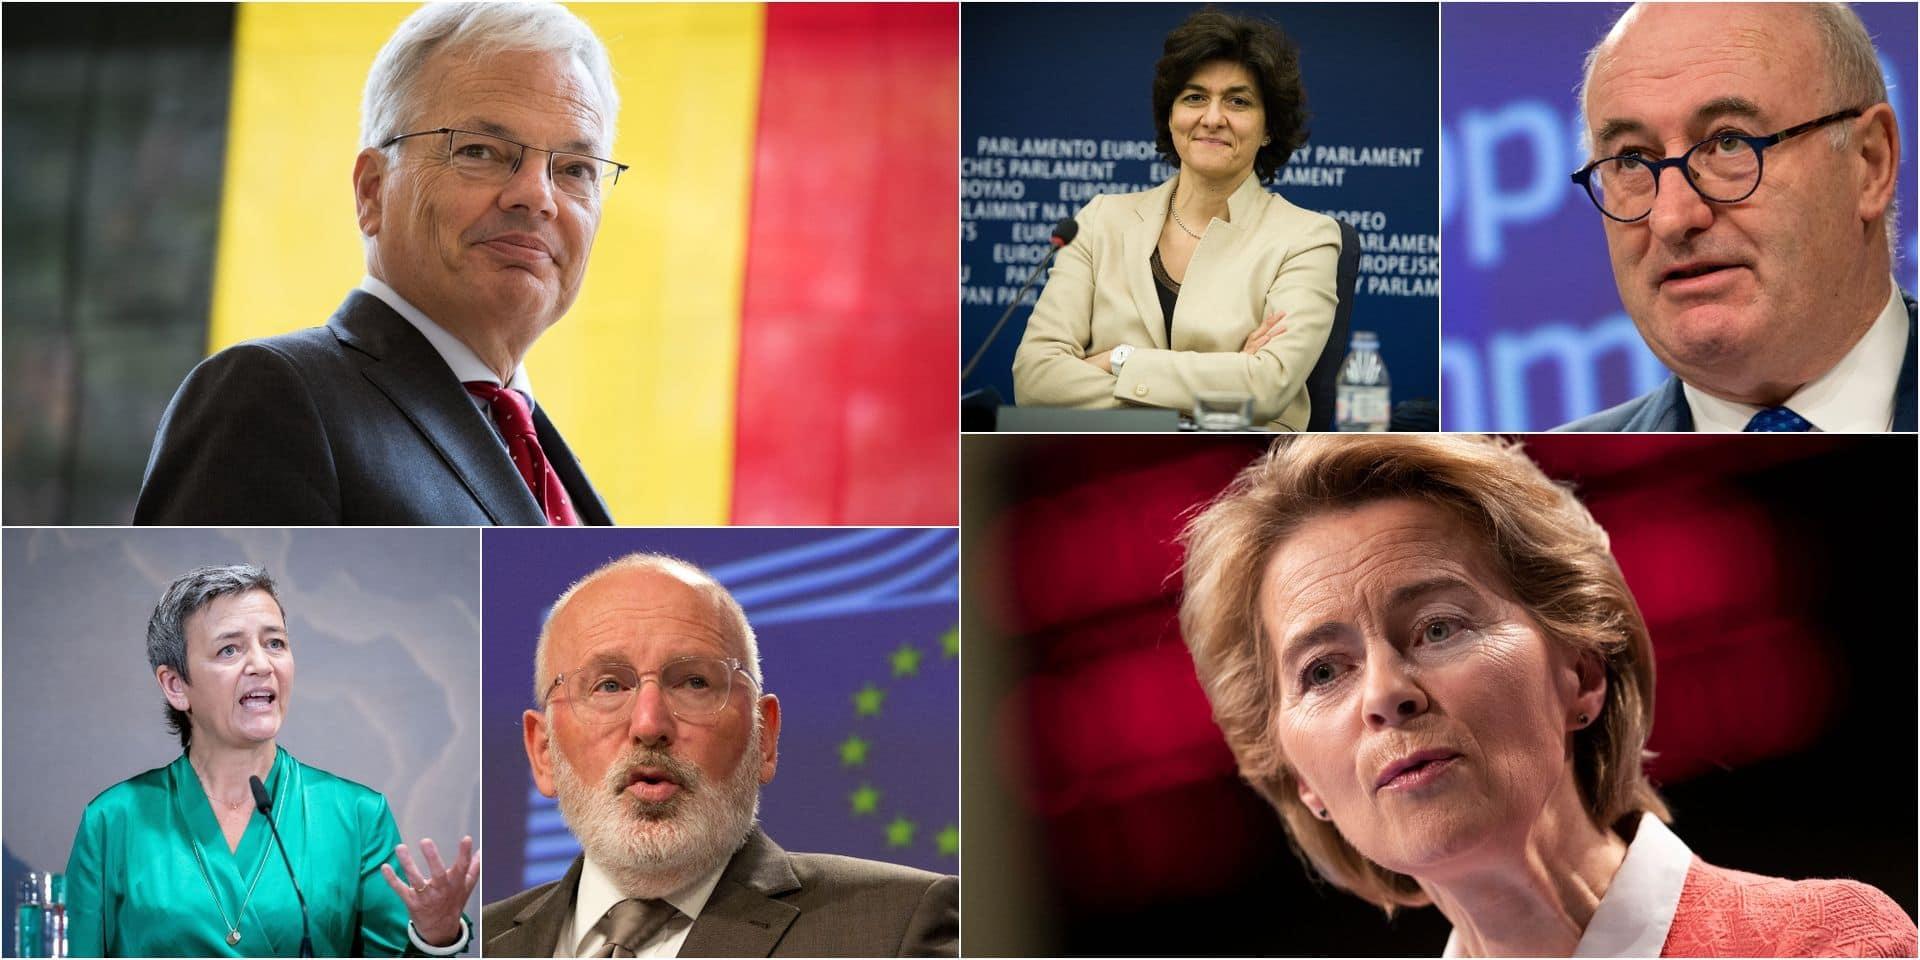 Voici le casting complet de la Commission von der Leyen: qui reçoit quel portefeuille ?